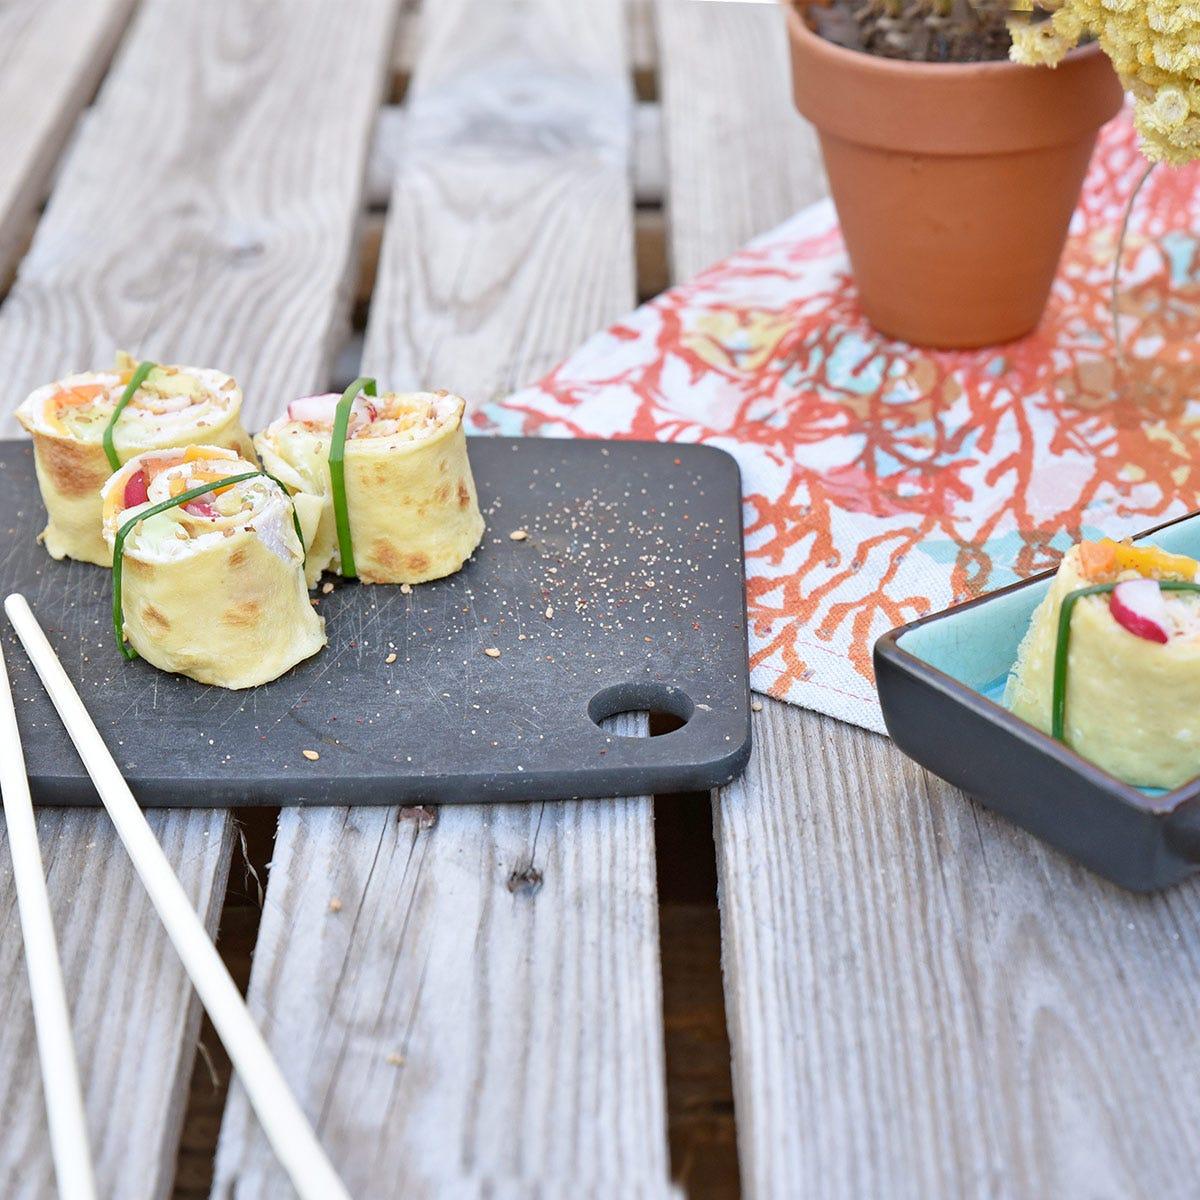 Una manera original de comer crepes: descubre nuestra receta de crepes saladas en makis.